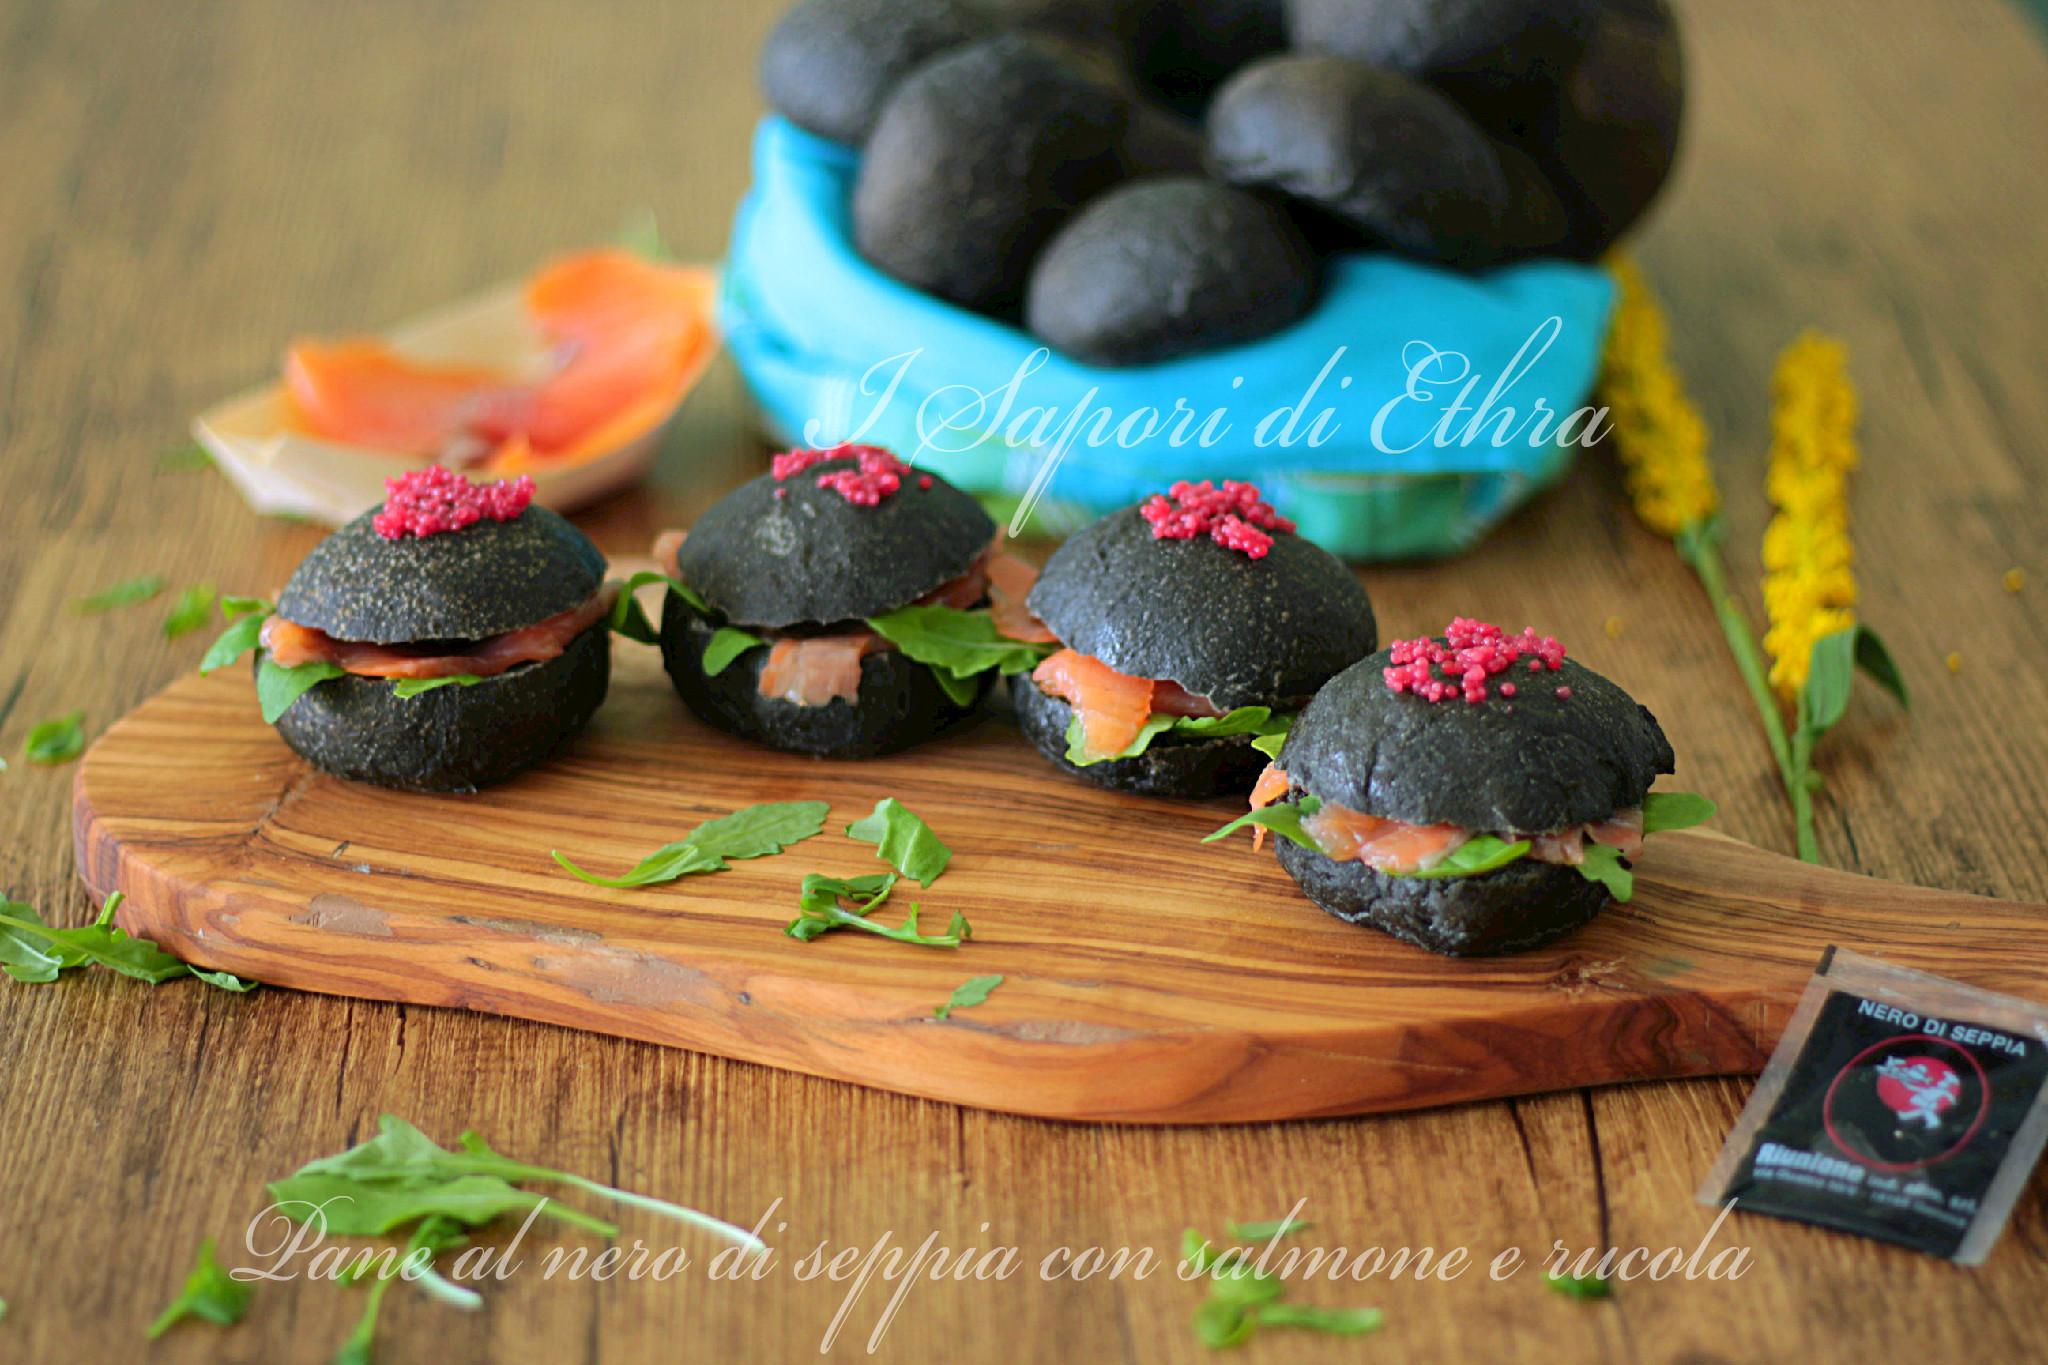 Pane al nero di seppia con salmone e rucola - I Sapori di Ethra